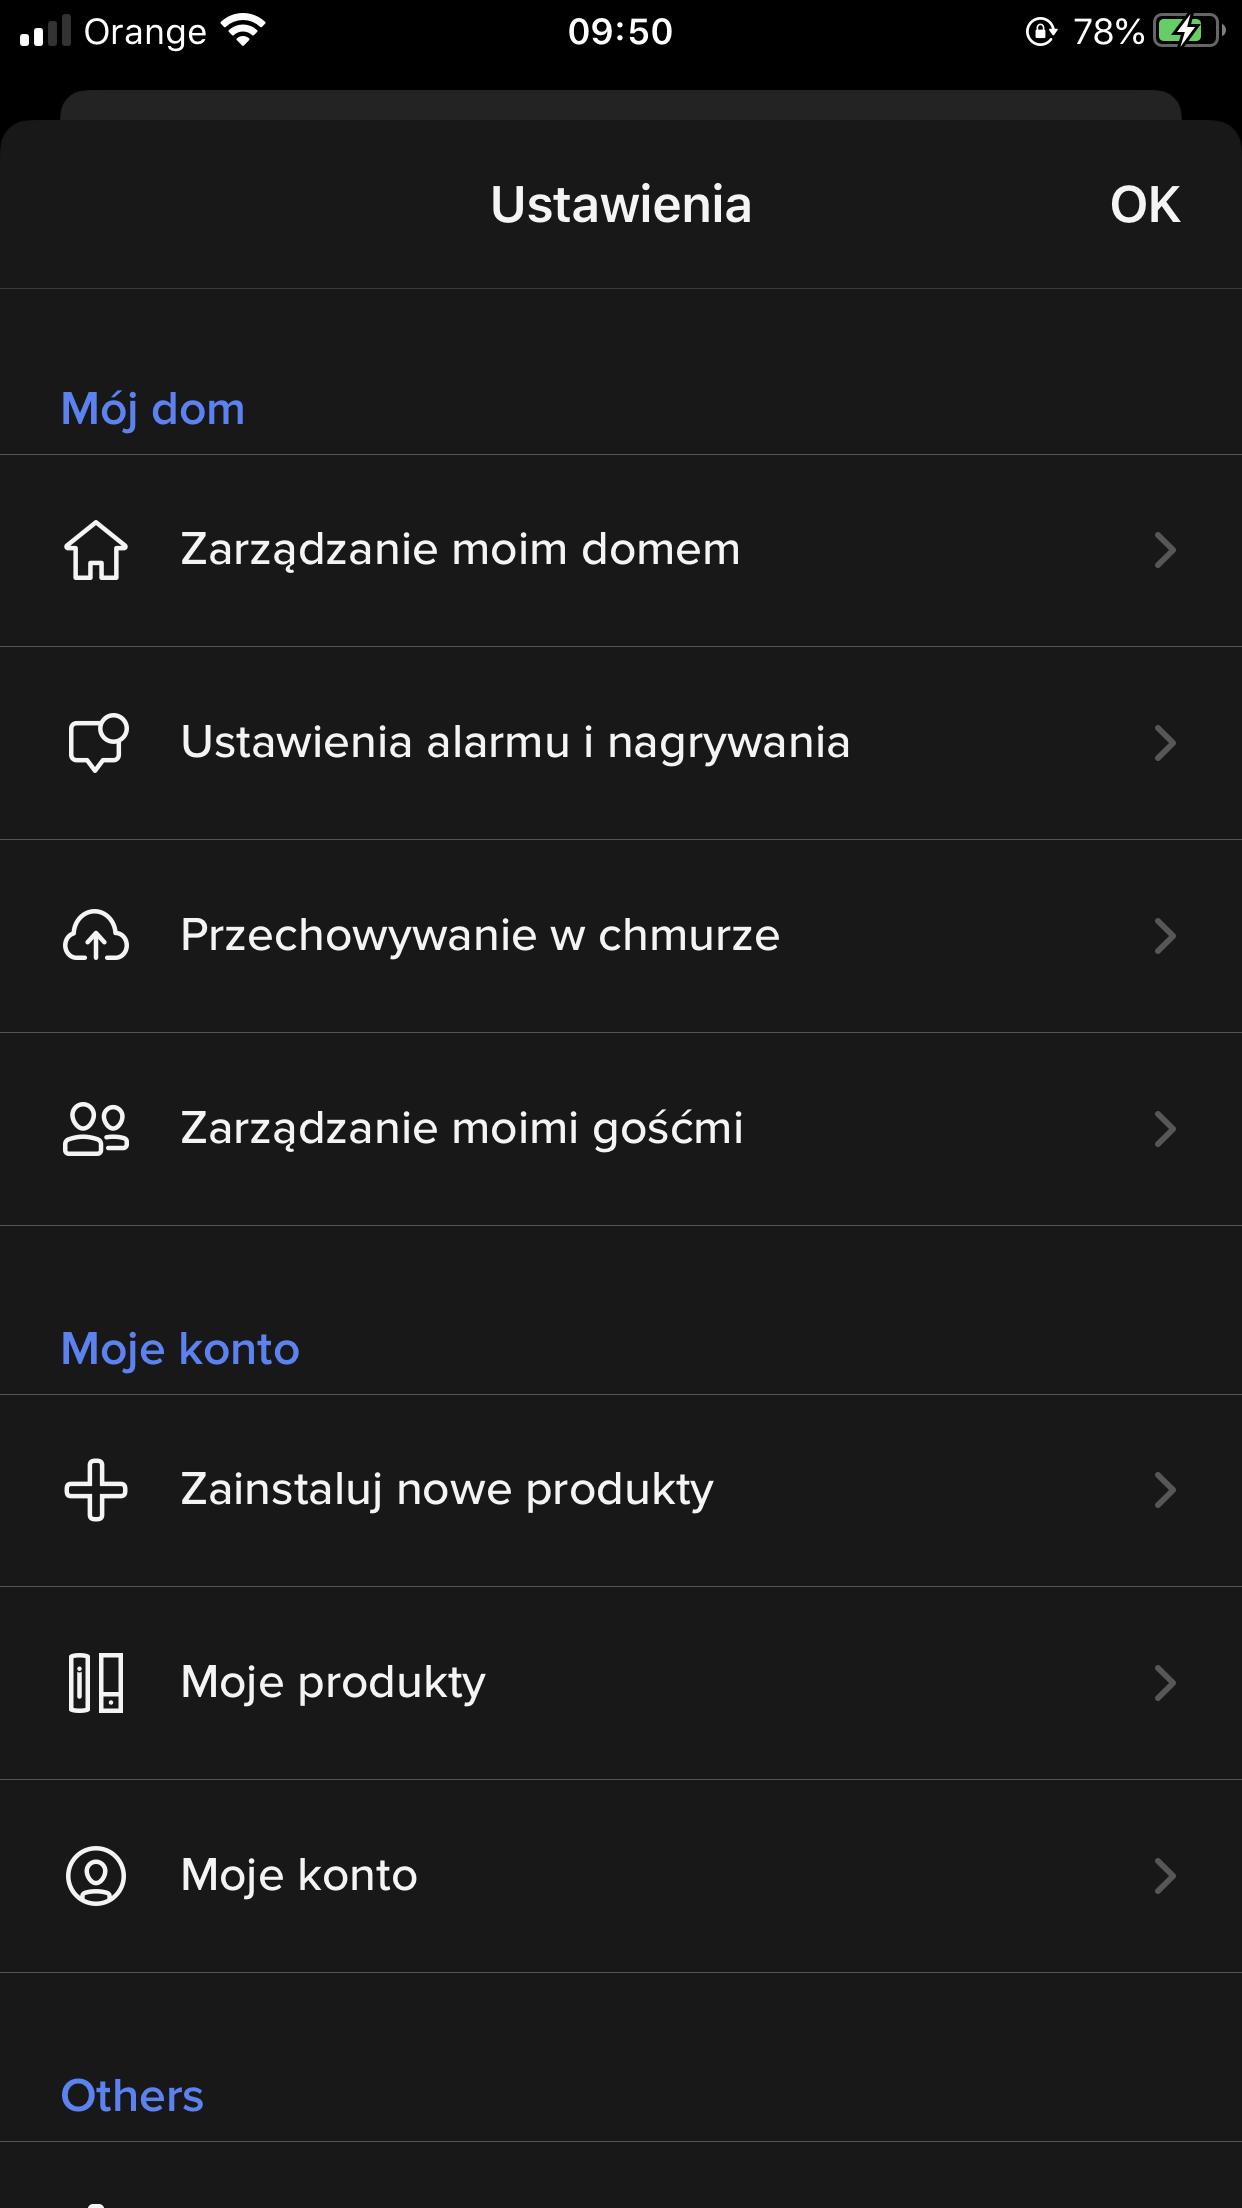 Netatmo Inteligentna Kamera Zewnętrzna z Alarmem - recenzja. Twój prywatny ochroniarz 14